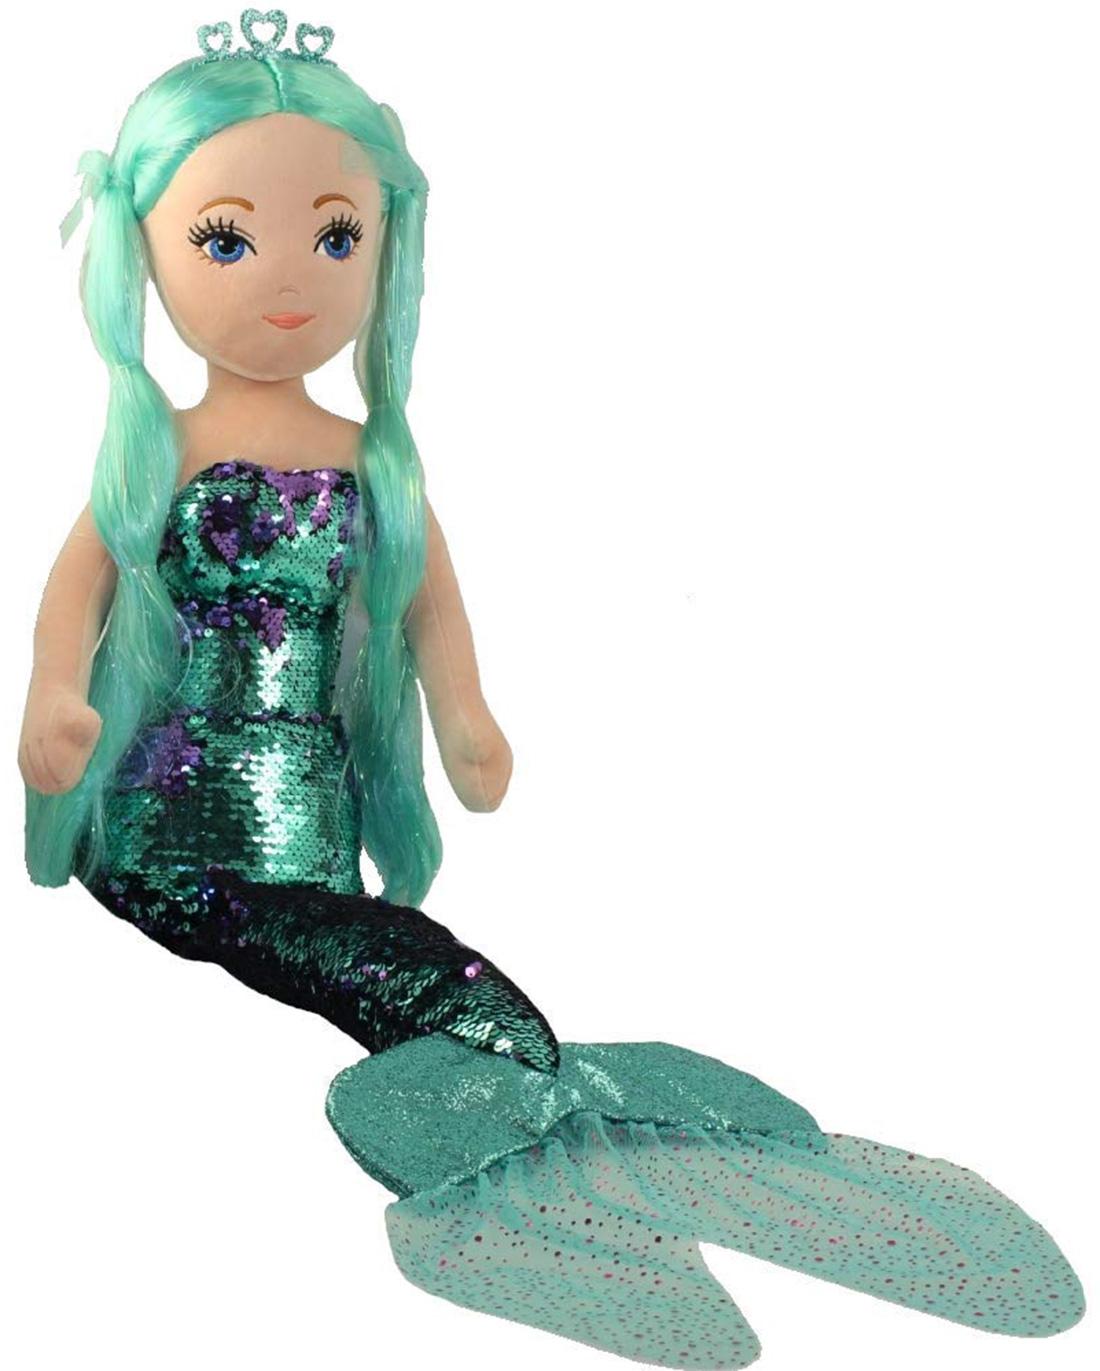 Ty Pailletten Meerjungfrau mehrfarbig groß, Waverly Teal Sea Sequins XXL mit Wende Pailletten 91 cm